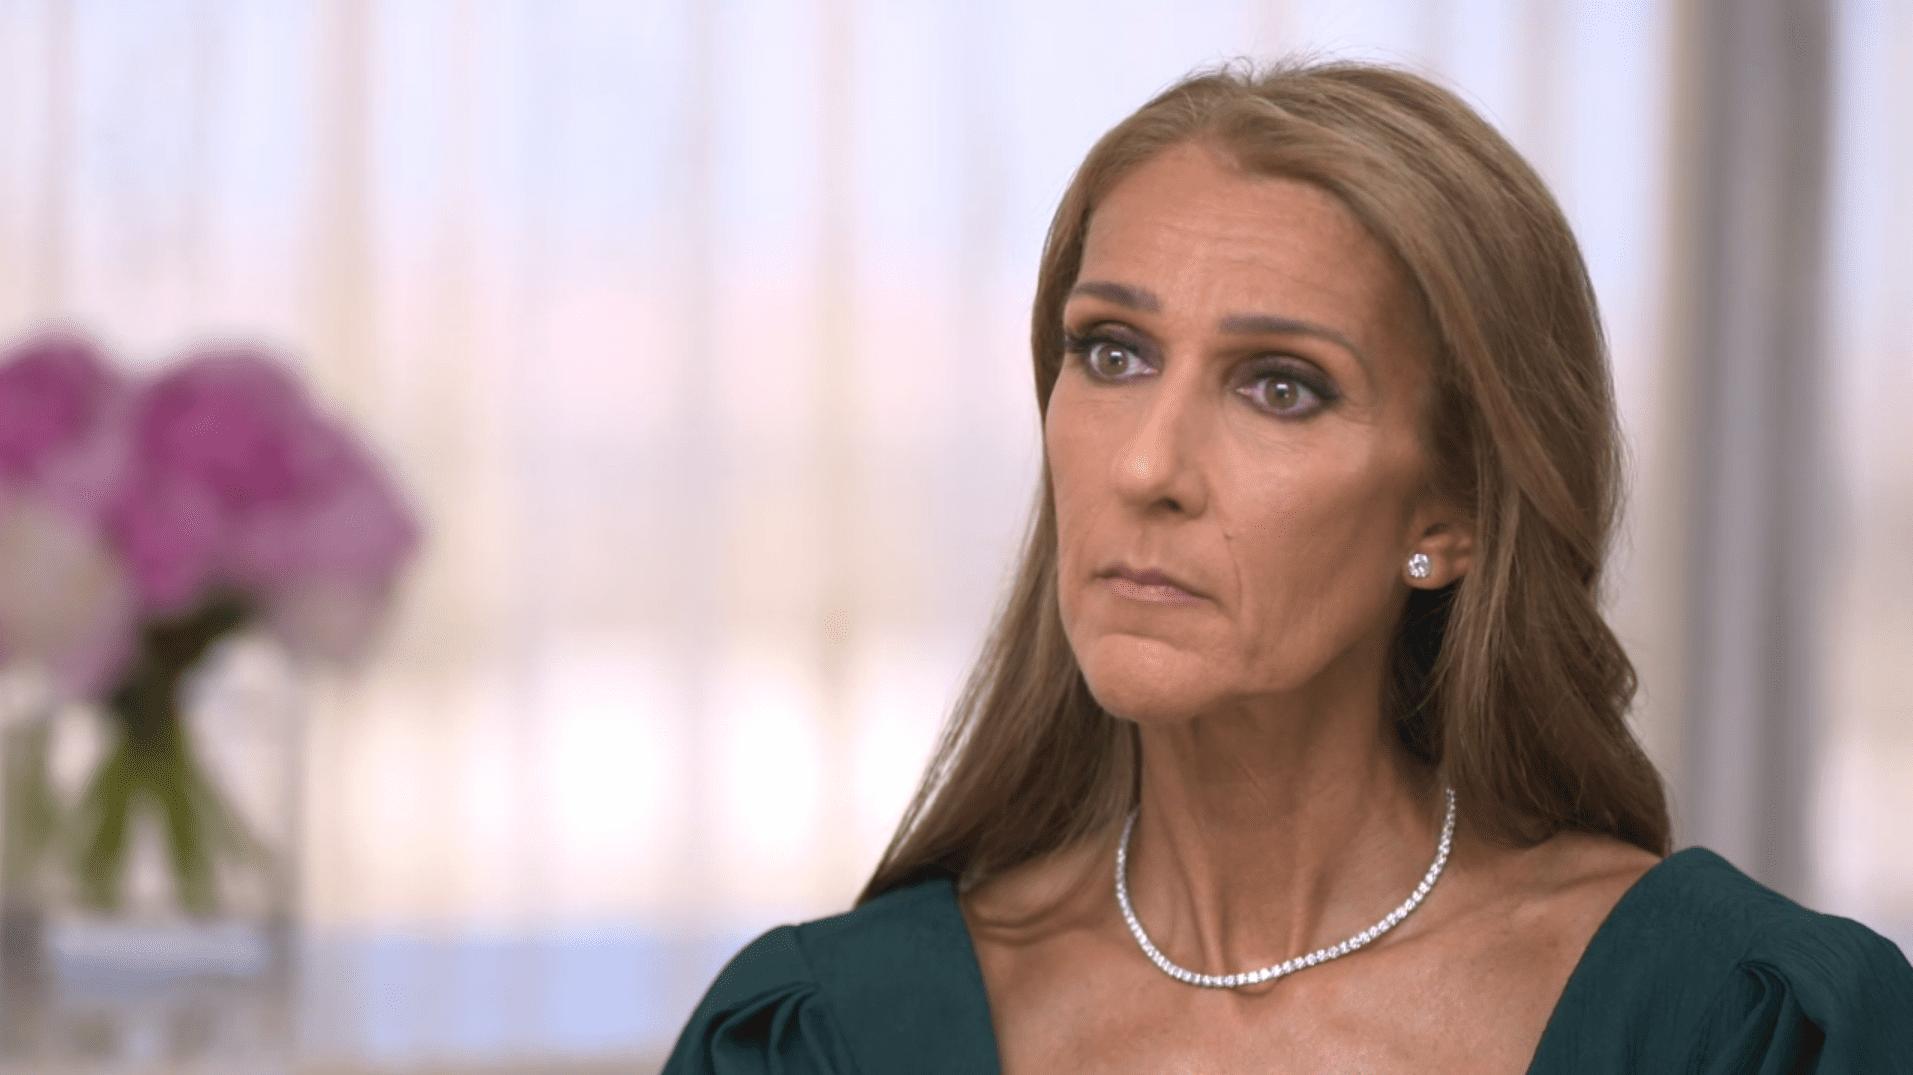 Céline Dion donne des conseils aux personnes endeuillées par le décès de son mari | GMA : Youtube